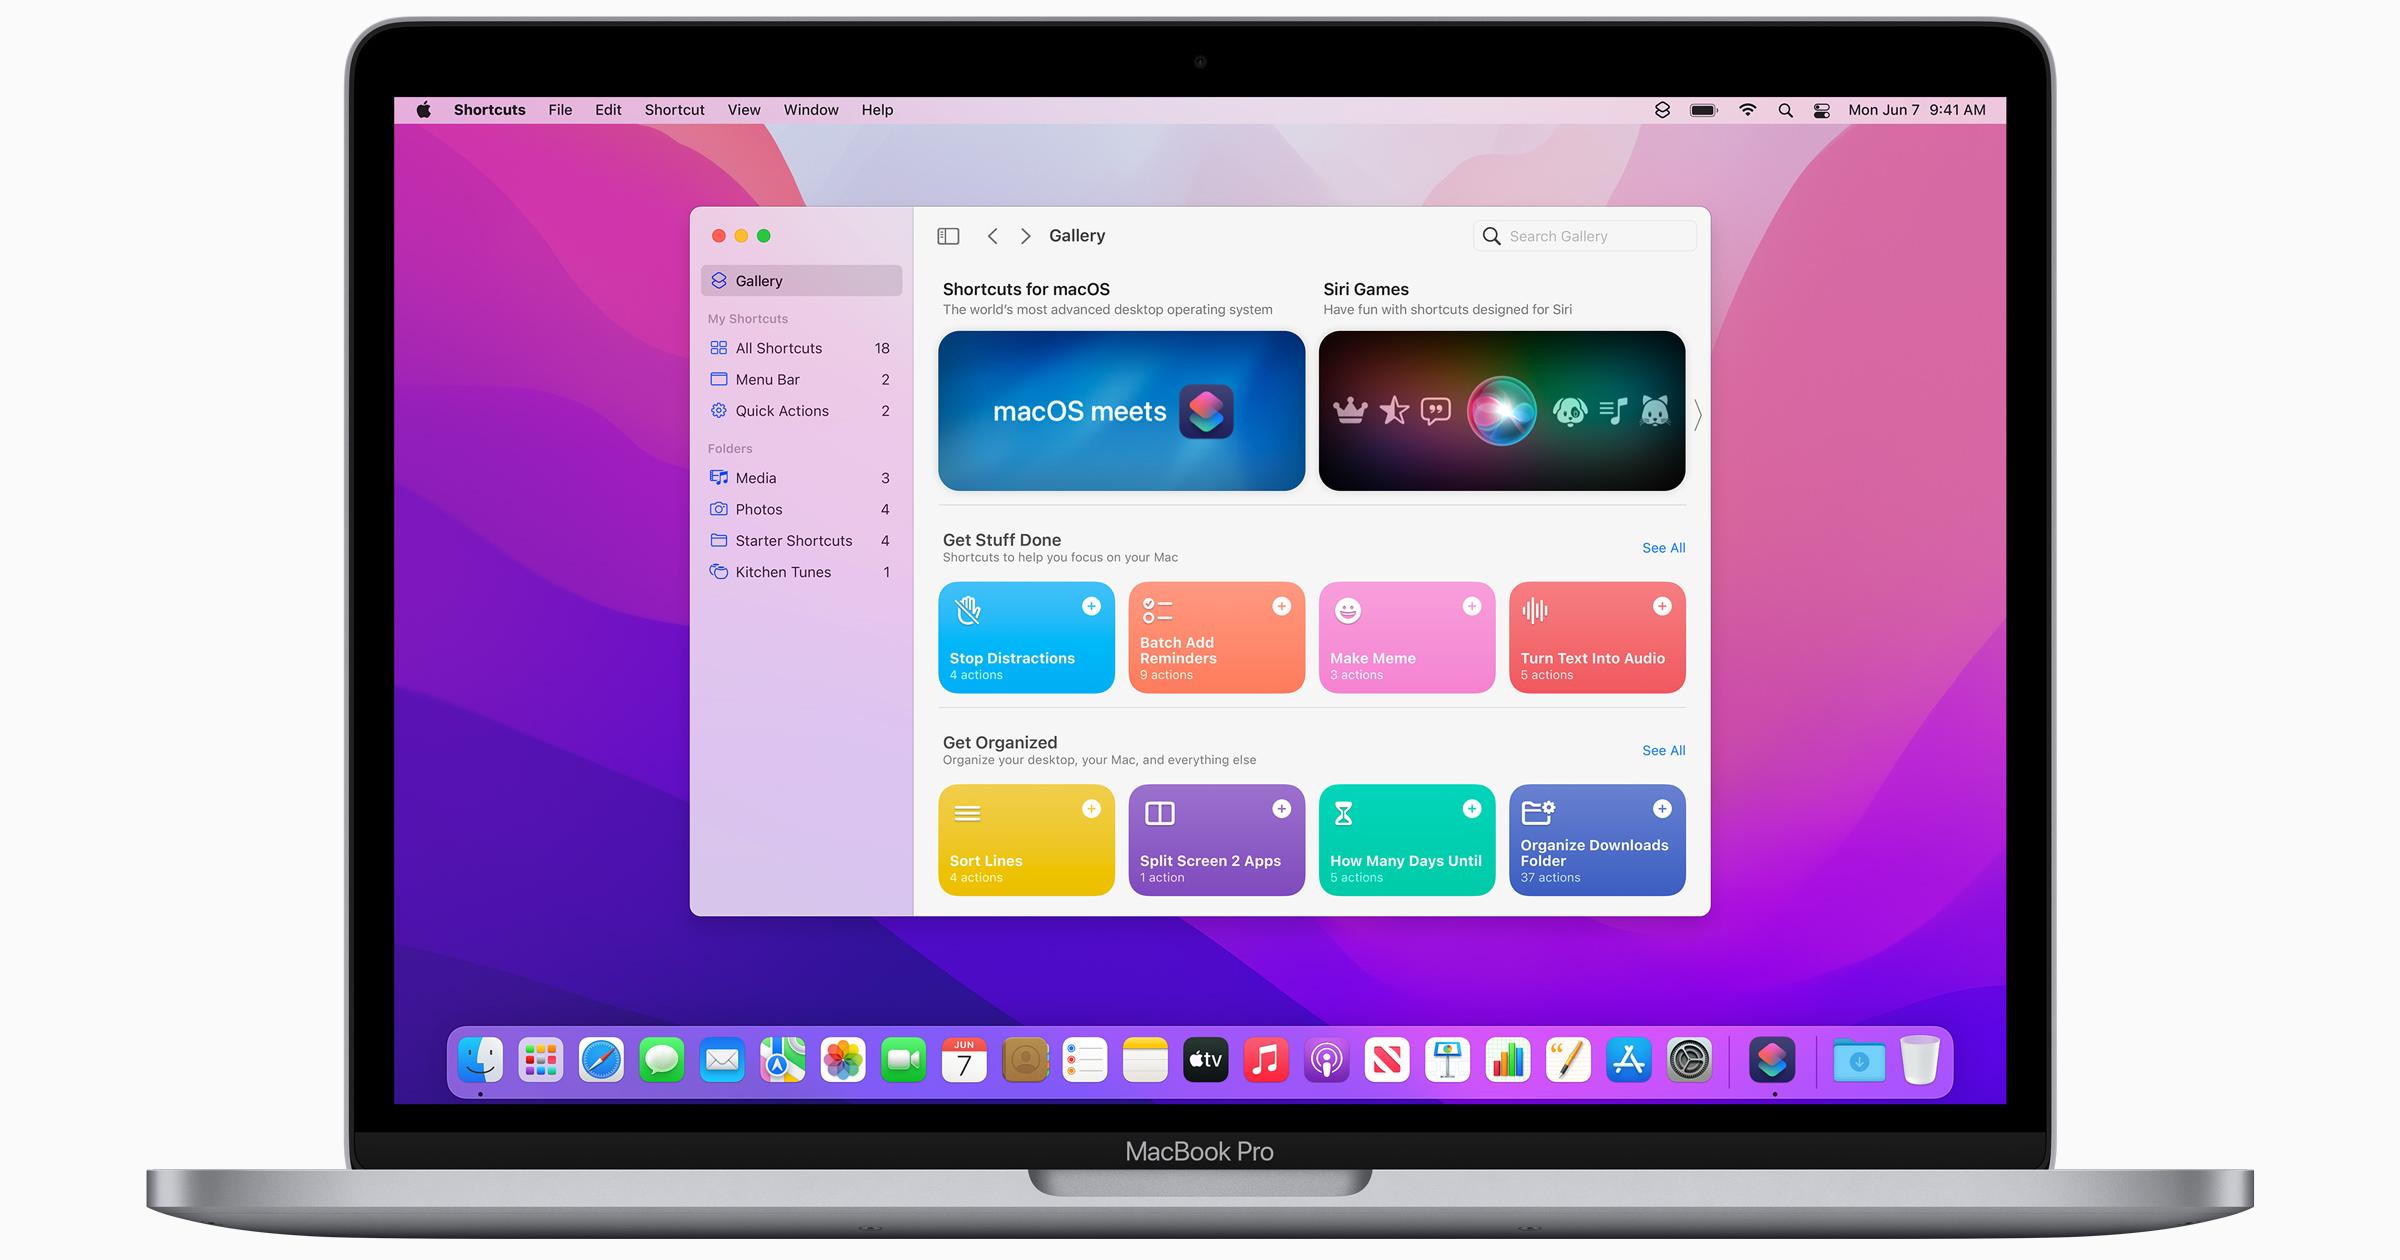 macOS Monterey Shortcuts